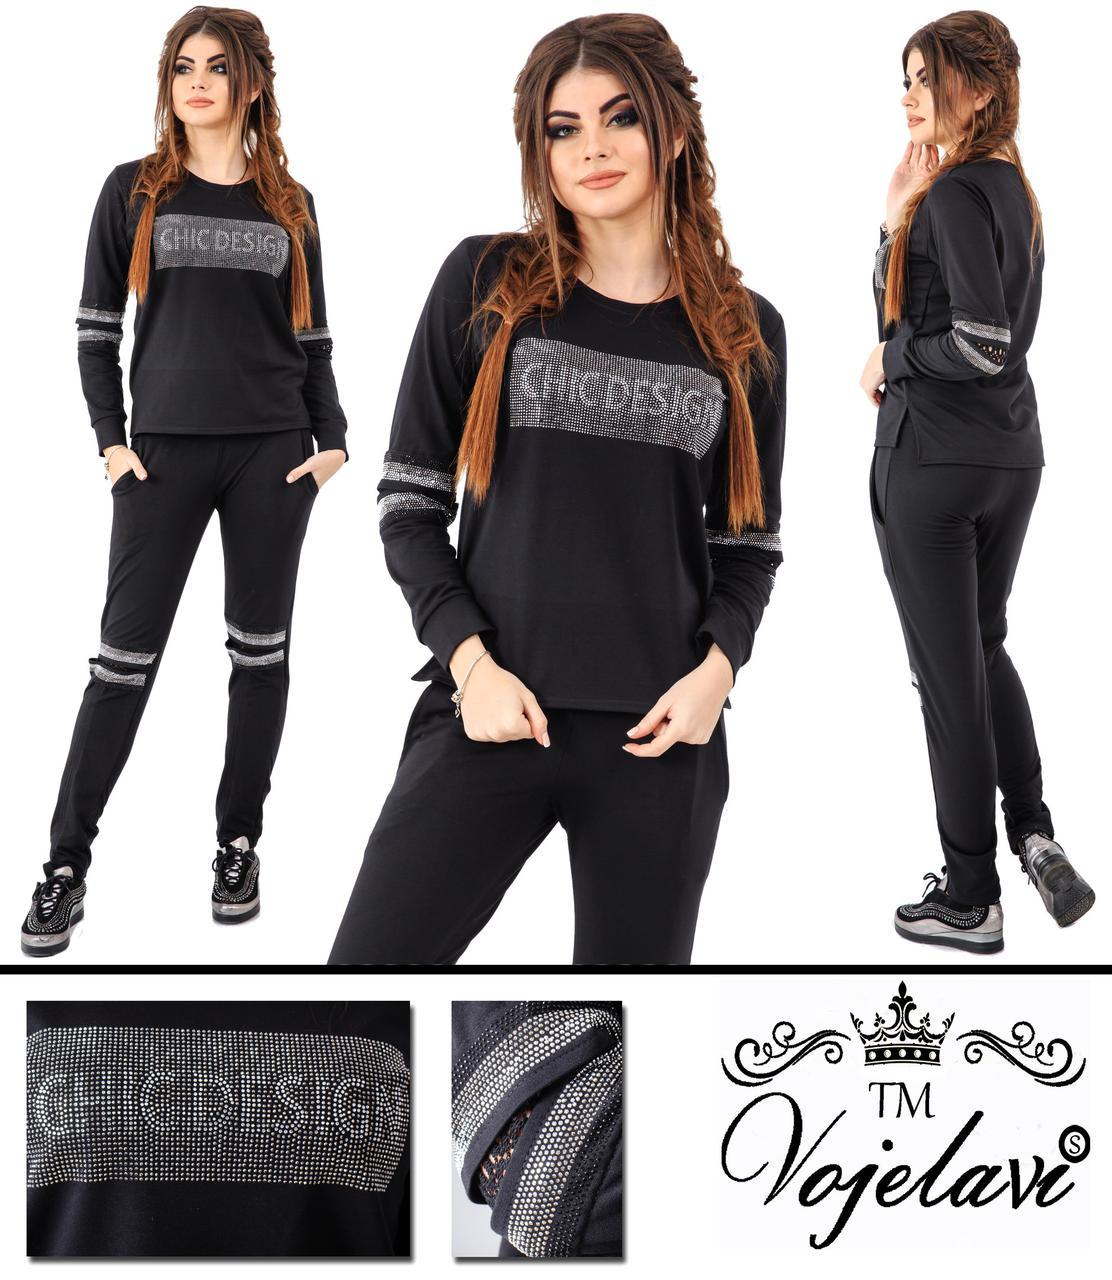 2dfb88a561e0 Женский черный спортивный костюм 42-46 размеры пр-во Украина 1019 - Оптово-